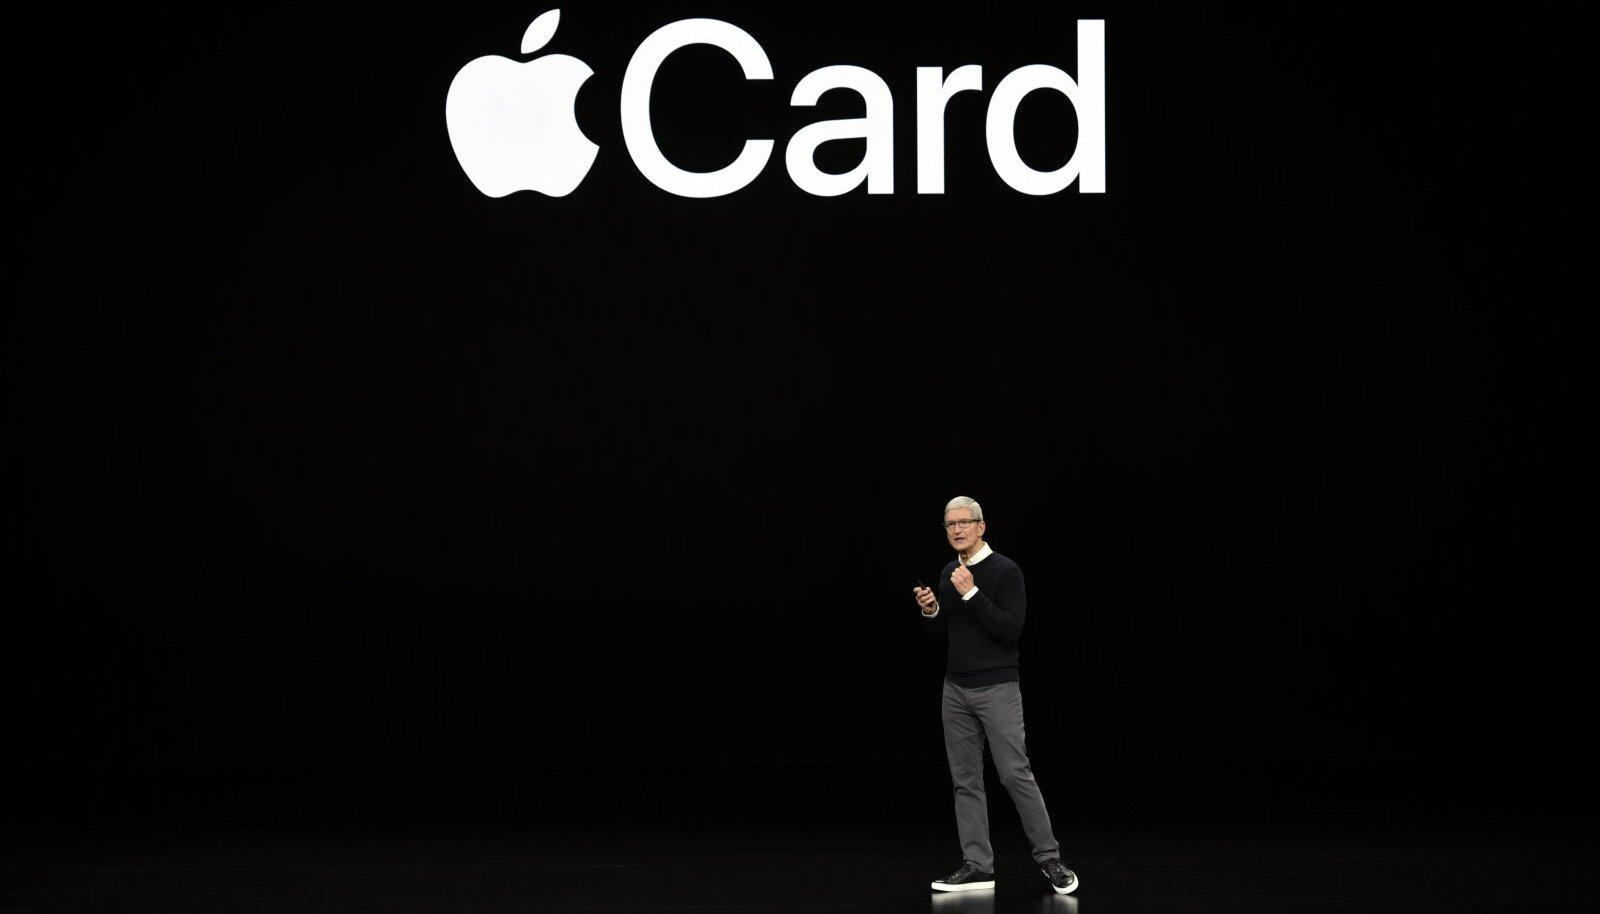 Apple'i juht Tim Cook ettevõtte krediitkaarti tutvustamas